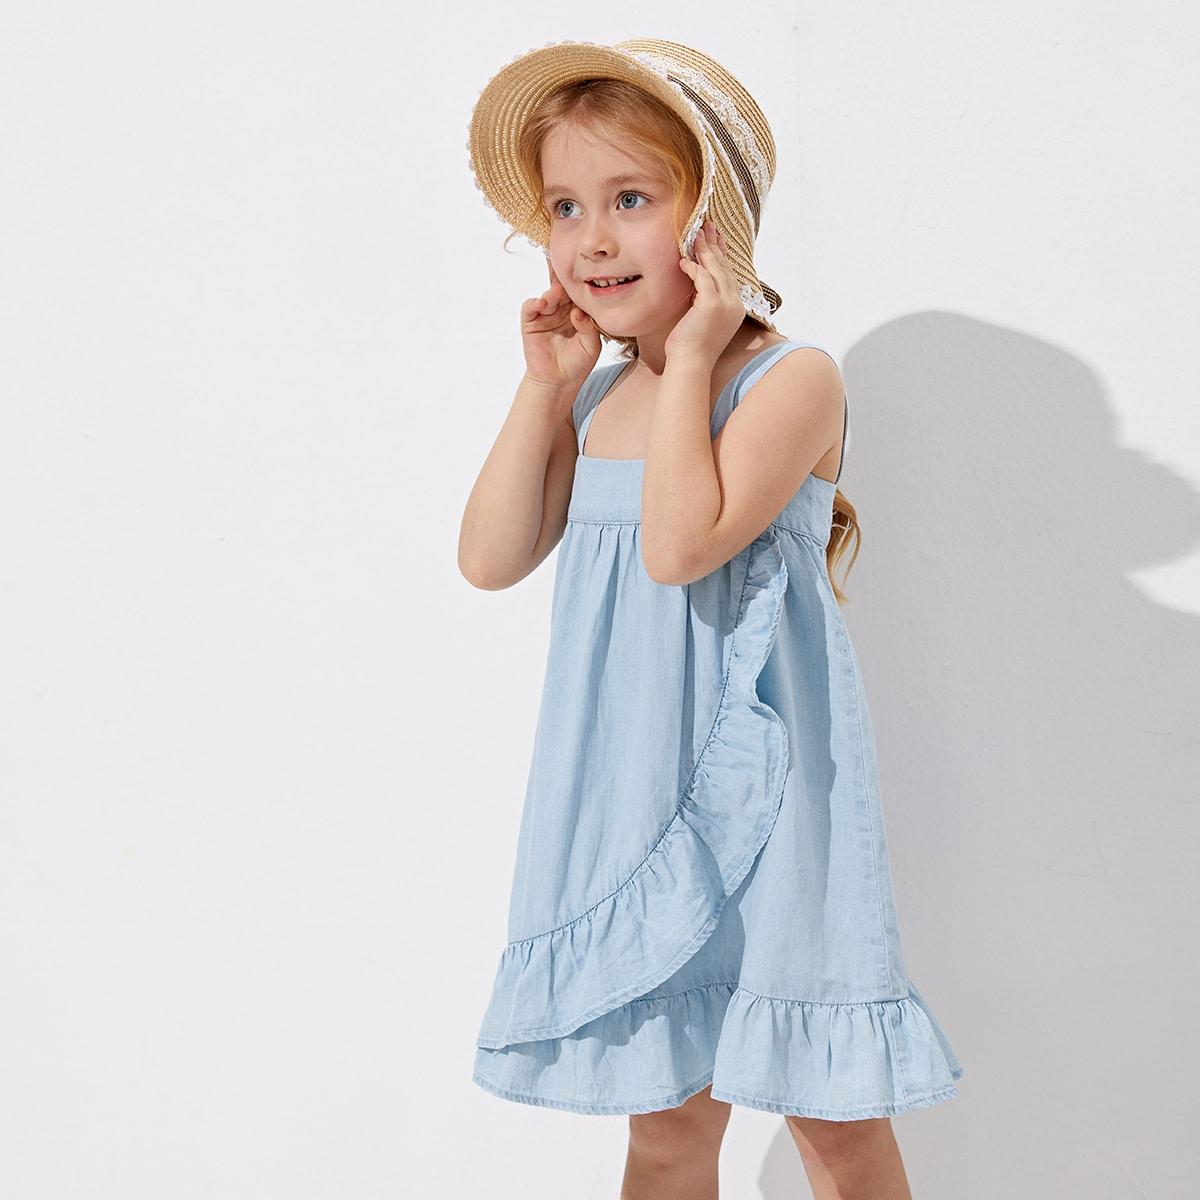 Джинсовое платье на бретелях с оборками для девочек SheIn skdress03210118439